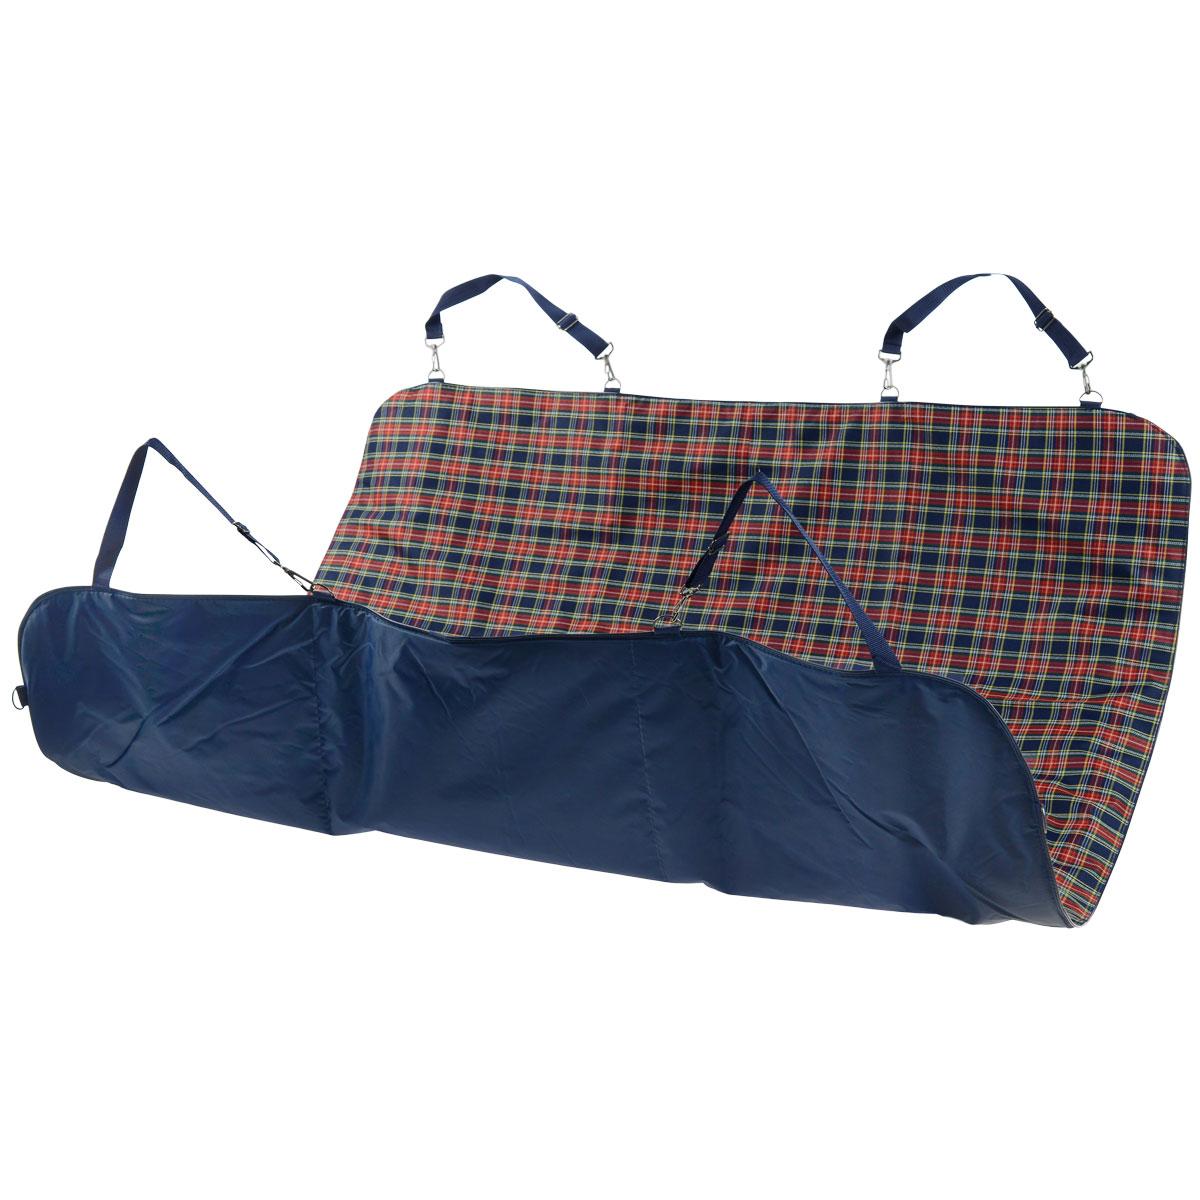 Автогамак для собак Titbit, цвет: синий, 142 см х 140 см1662Автогамак для собак Titbit изготовлениз прочного водостойкого материала с утеплителем внутри. Легко монтируется при помощи ремней на заднем сидении автомобиля, защищая его от загрязнений. Незаменим при транспортировке животного на дачу, в ветклинику, после прогулок на природе, также может служить лежаком или пледом.Подходит для любых типов автомобилей. Размер коврика: 142 см х 140 см.